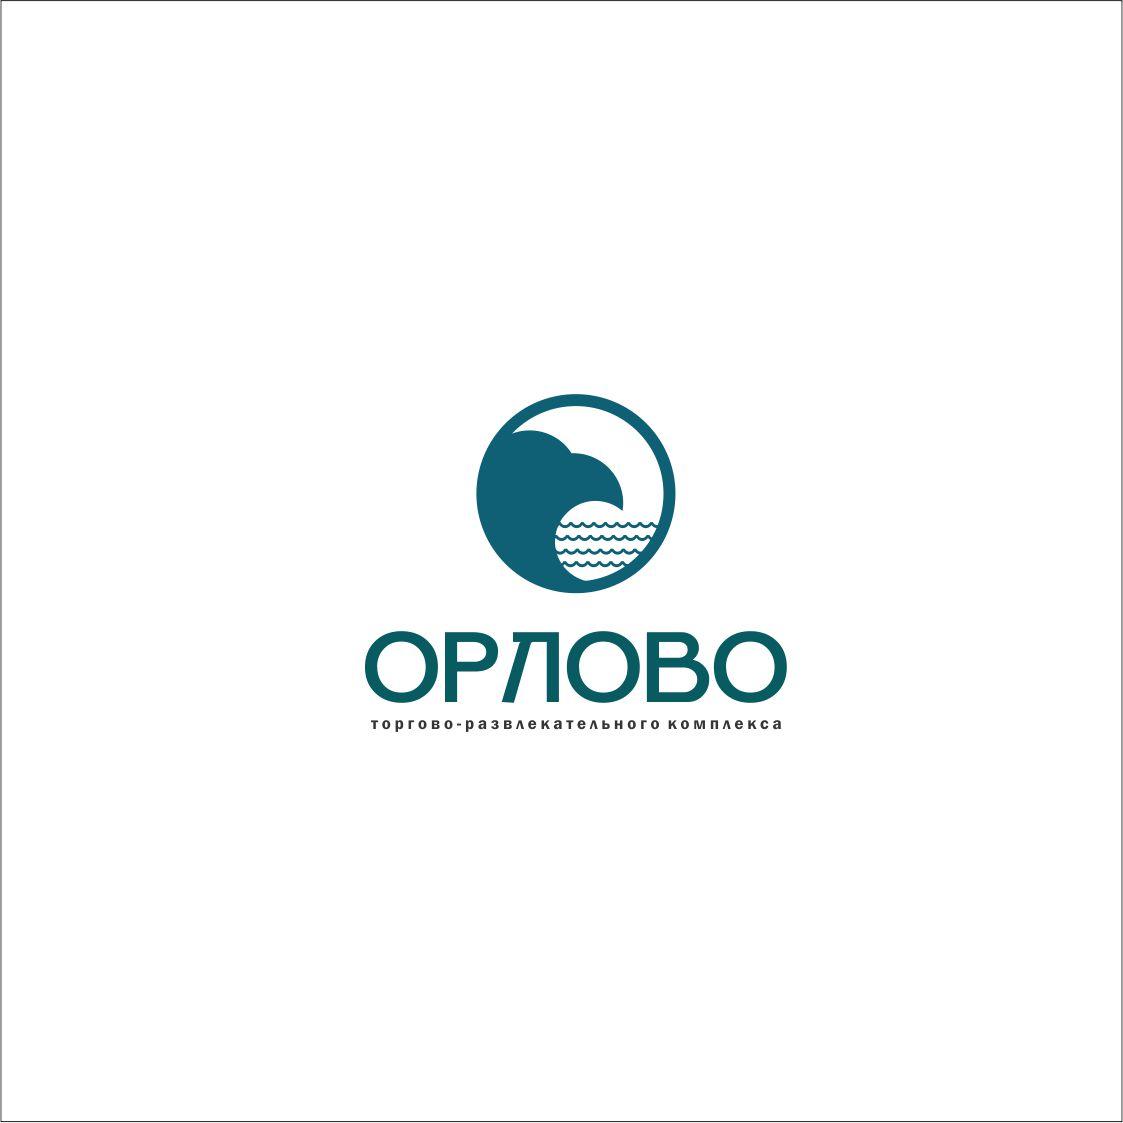 Разработка логотипа для Торгово-развлекательного комплекса фото f_4935972e3c9415df.jpg